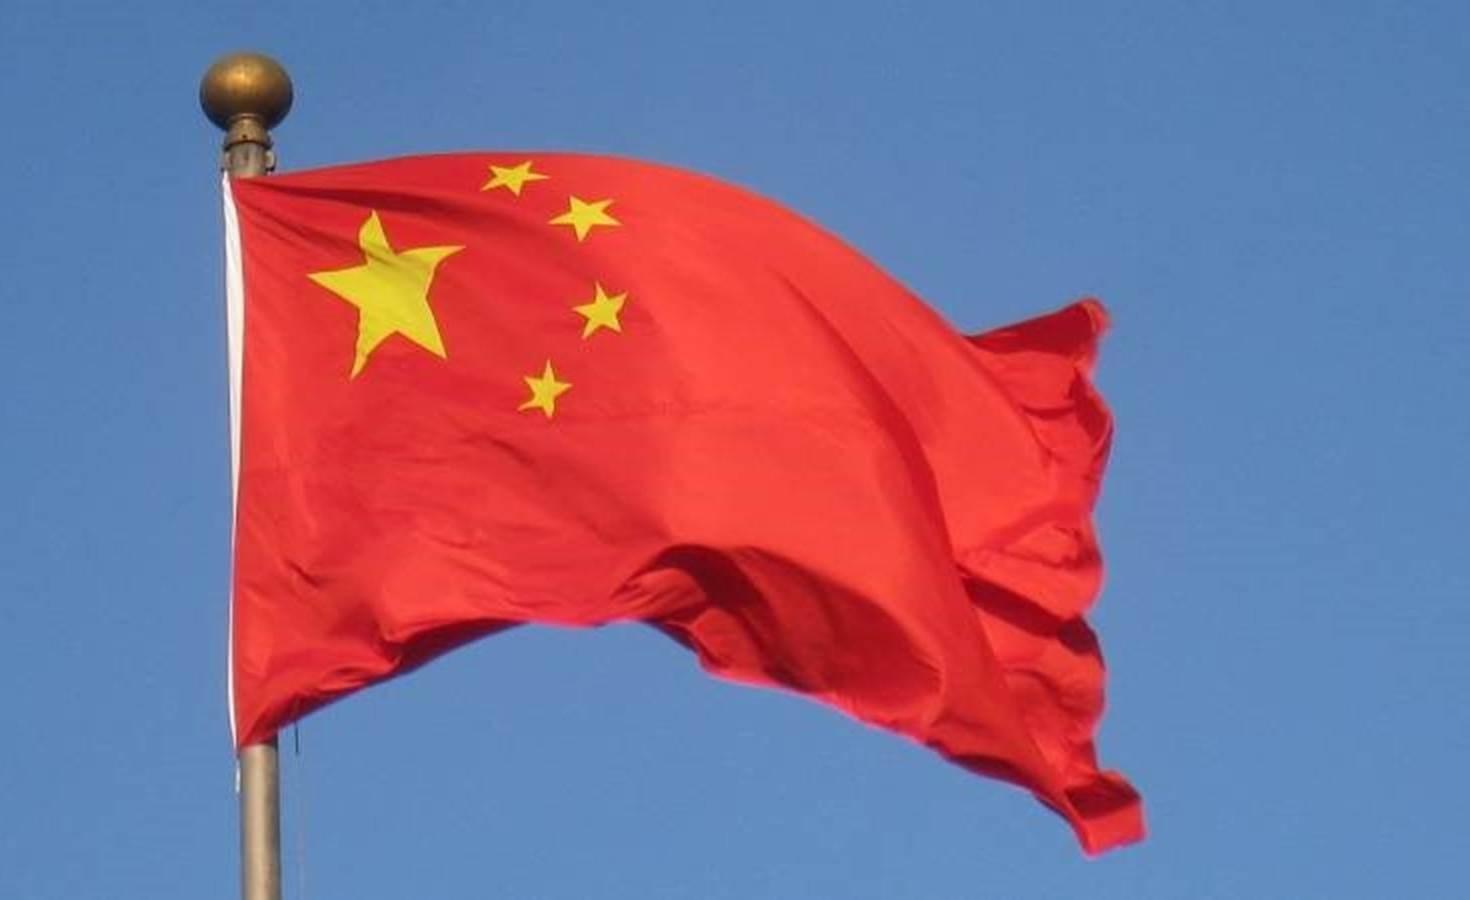 الصين تهدد برد مضاد بعد إعلان ترامب بشأن هونغ كونغ